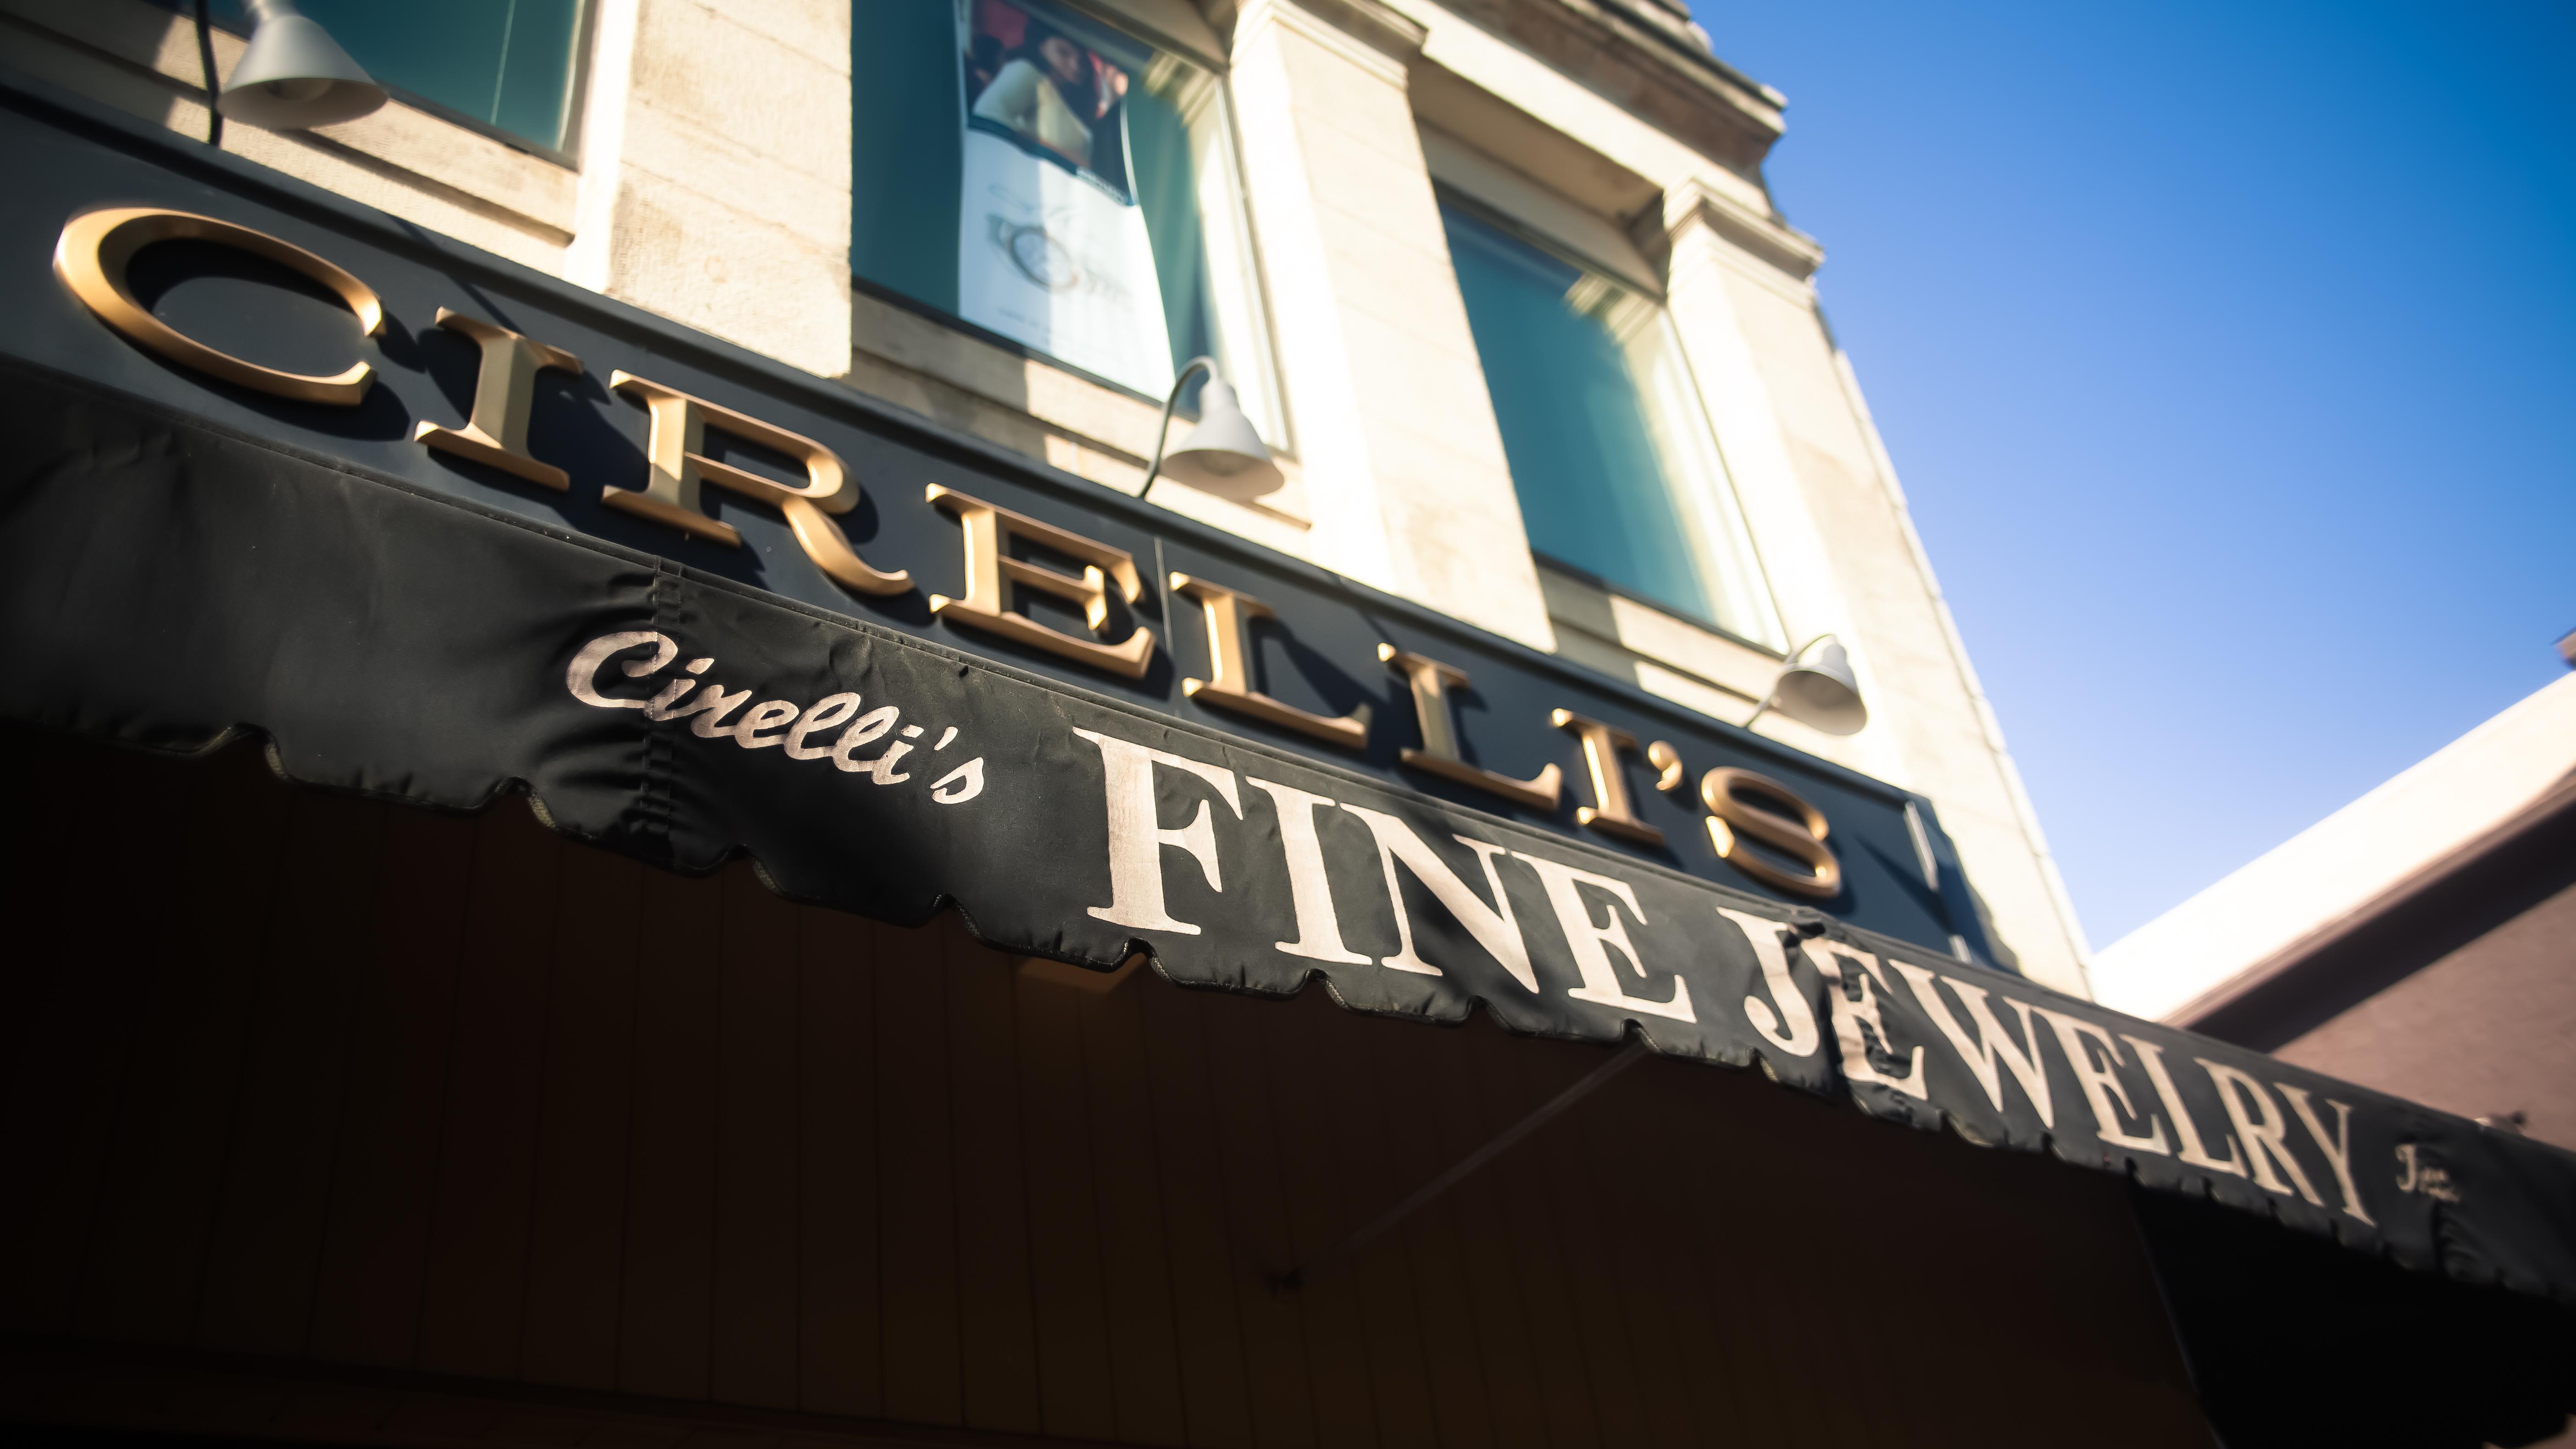 Cirelli's Fine Jewelry